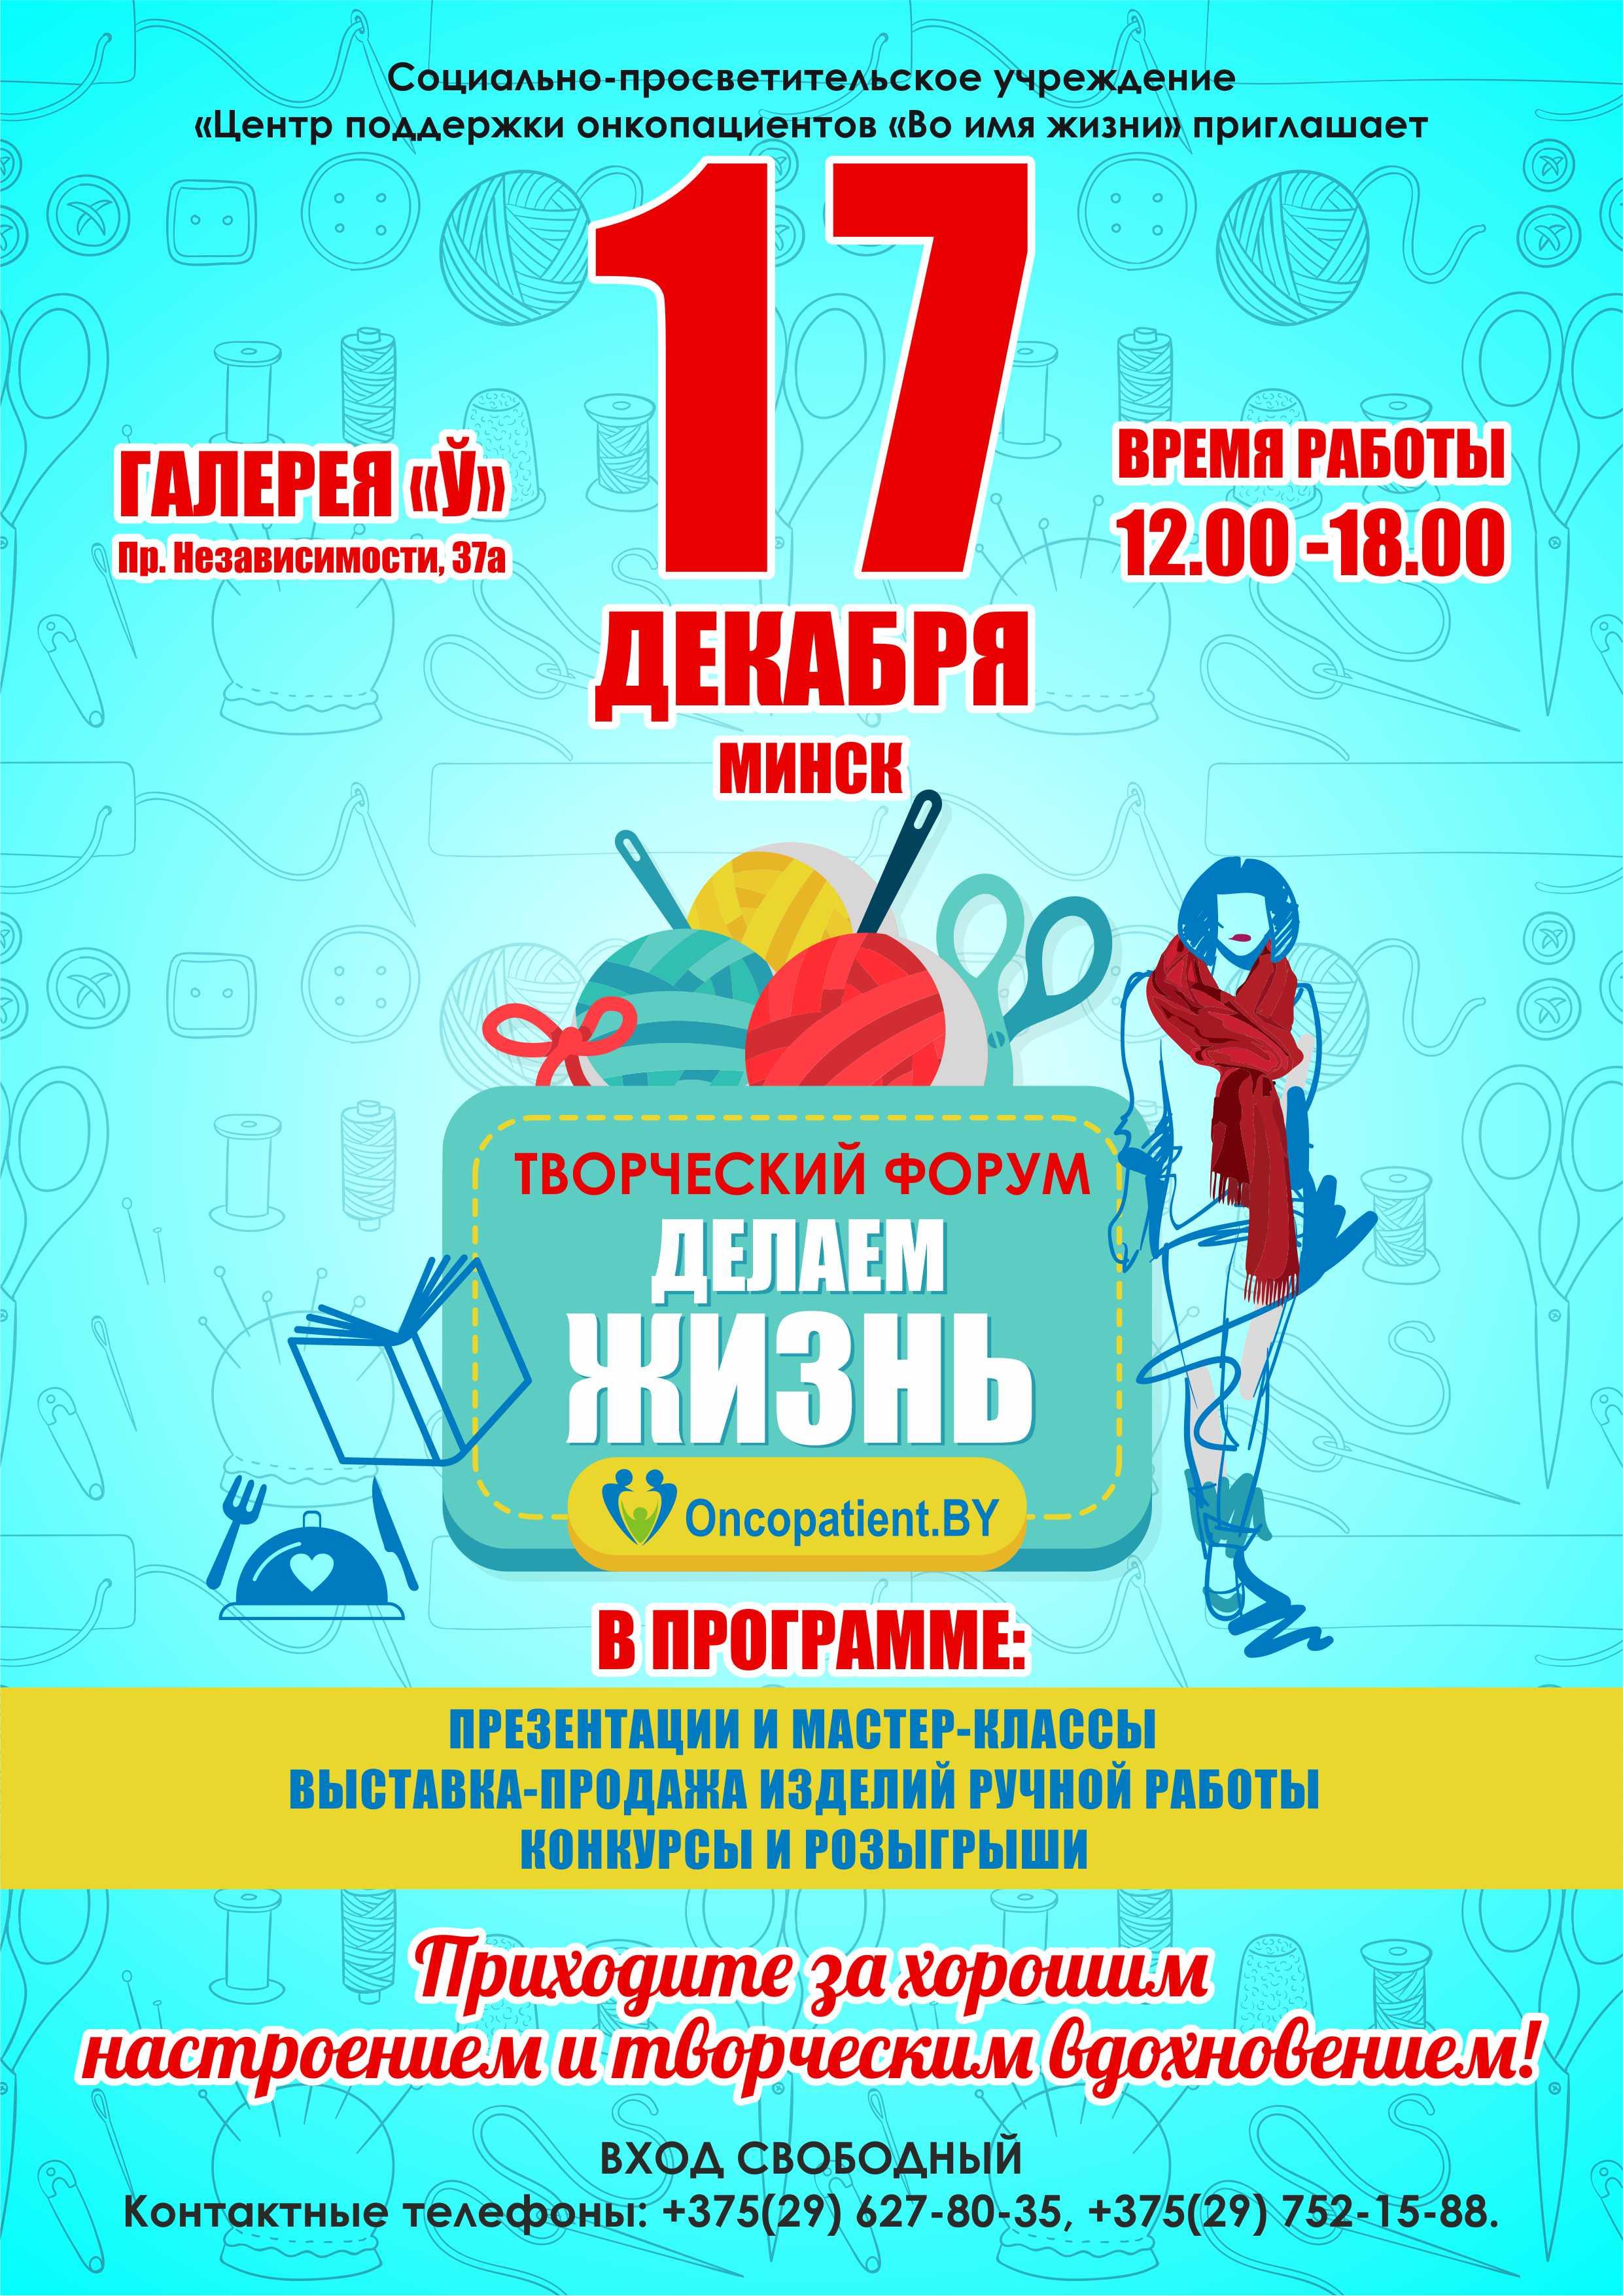 forum-17-12